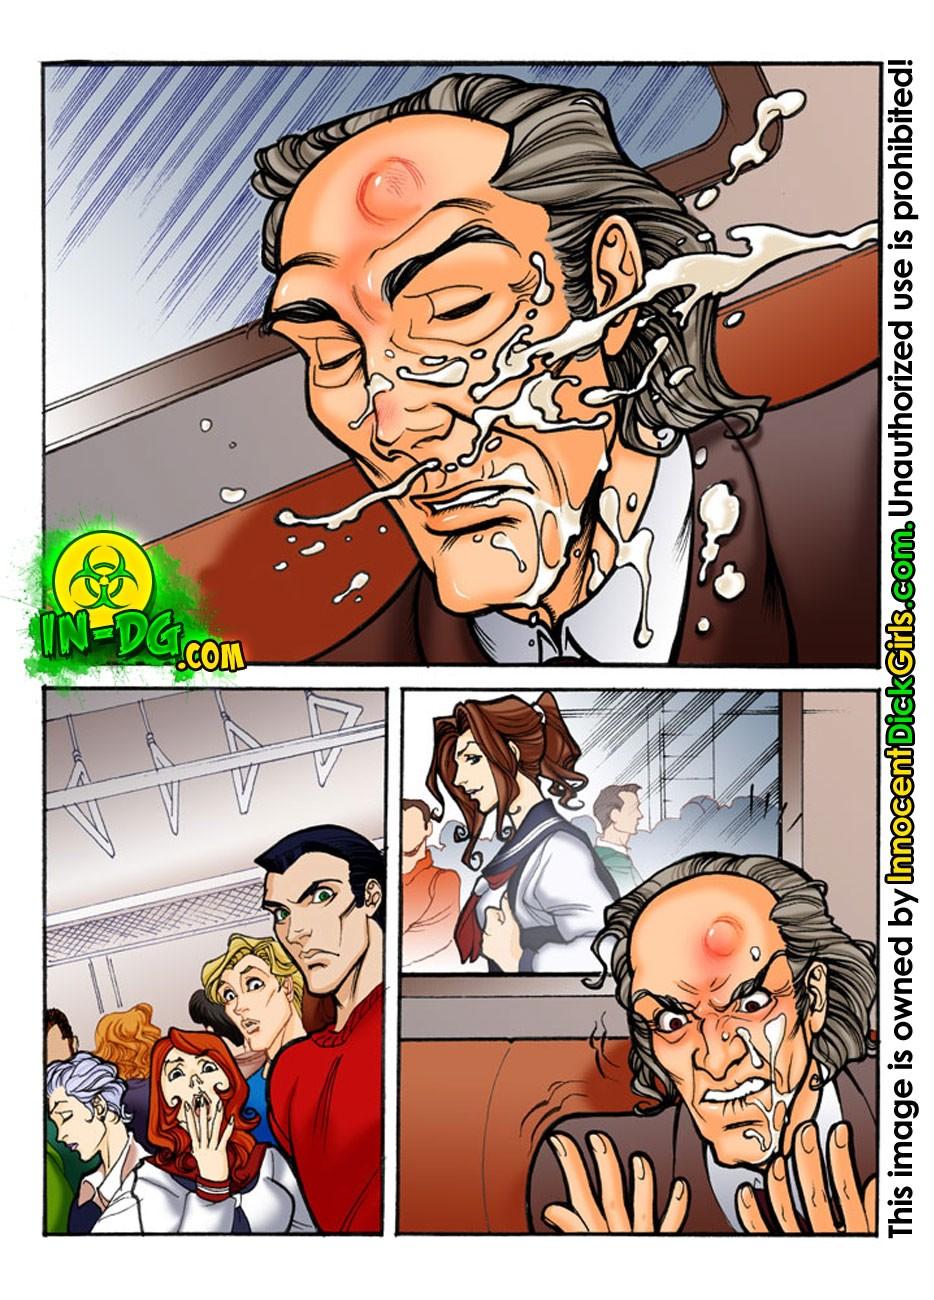 33-hentai-mulher-de-pica-traveco-10